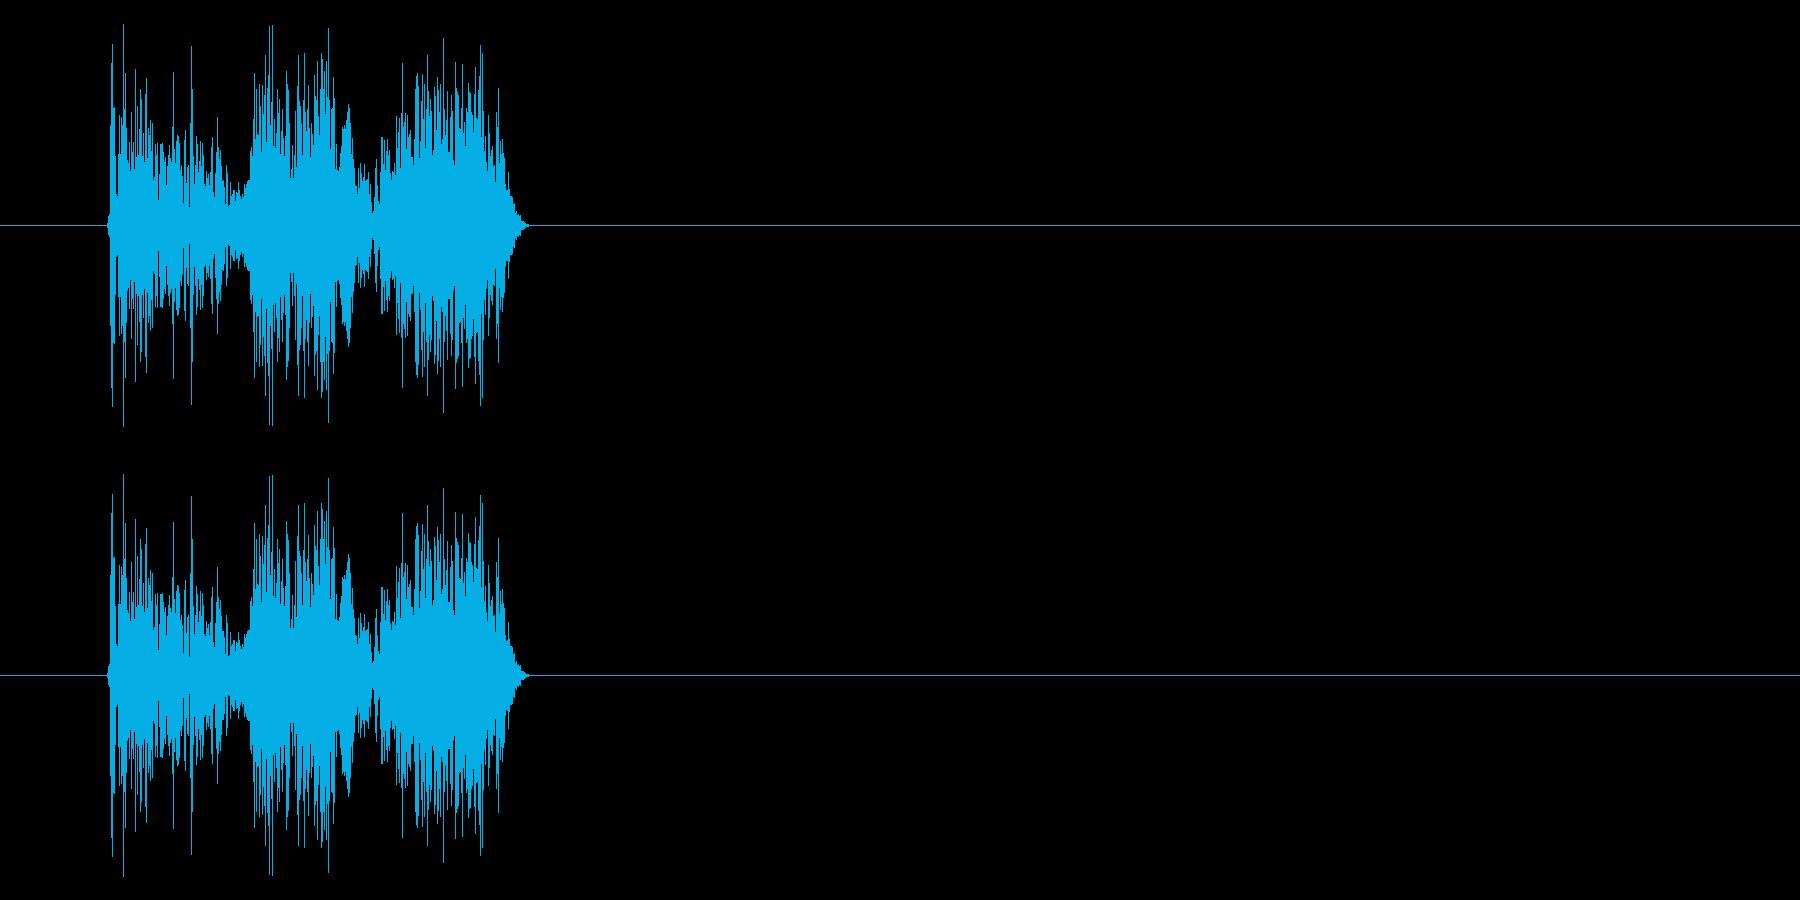 斬る04-1の再生済みの波形